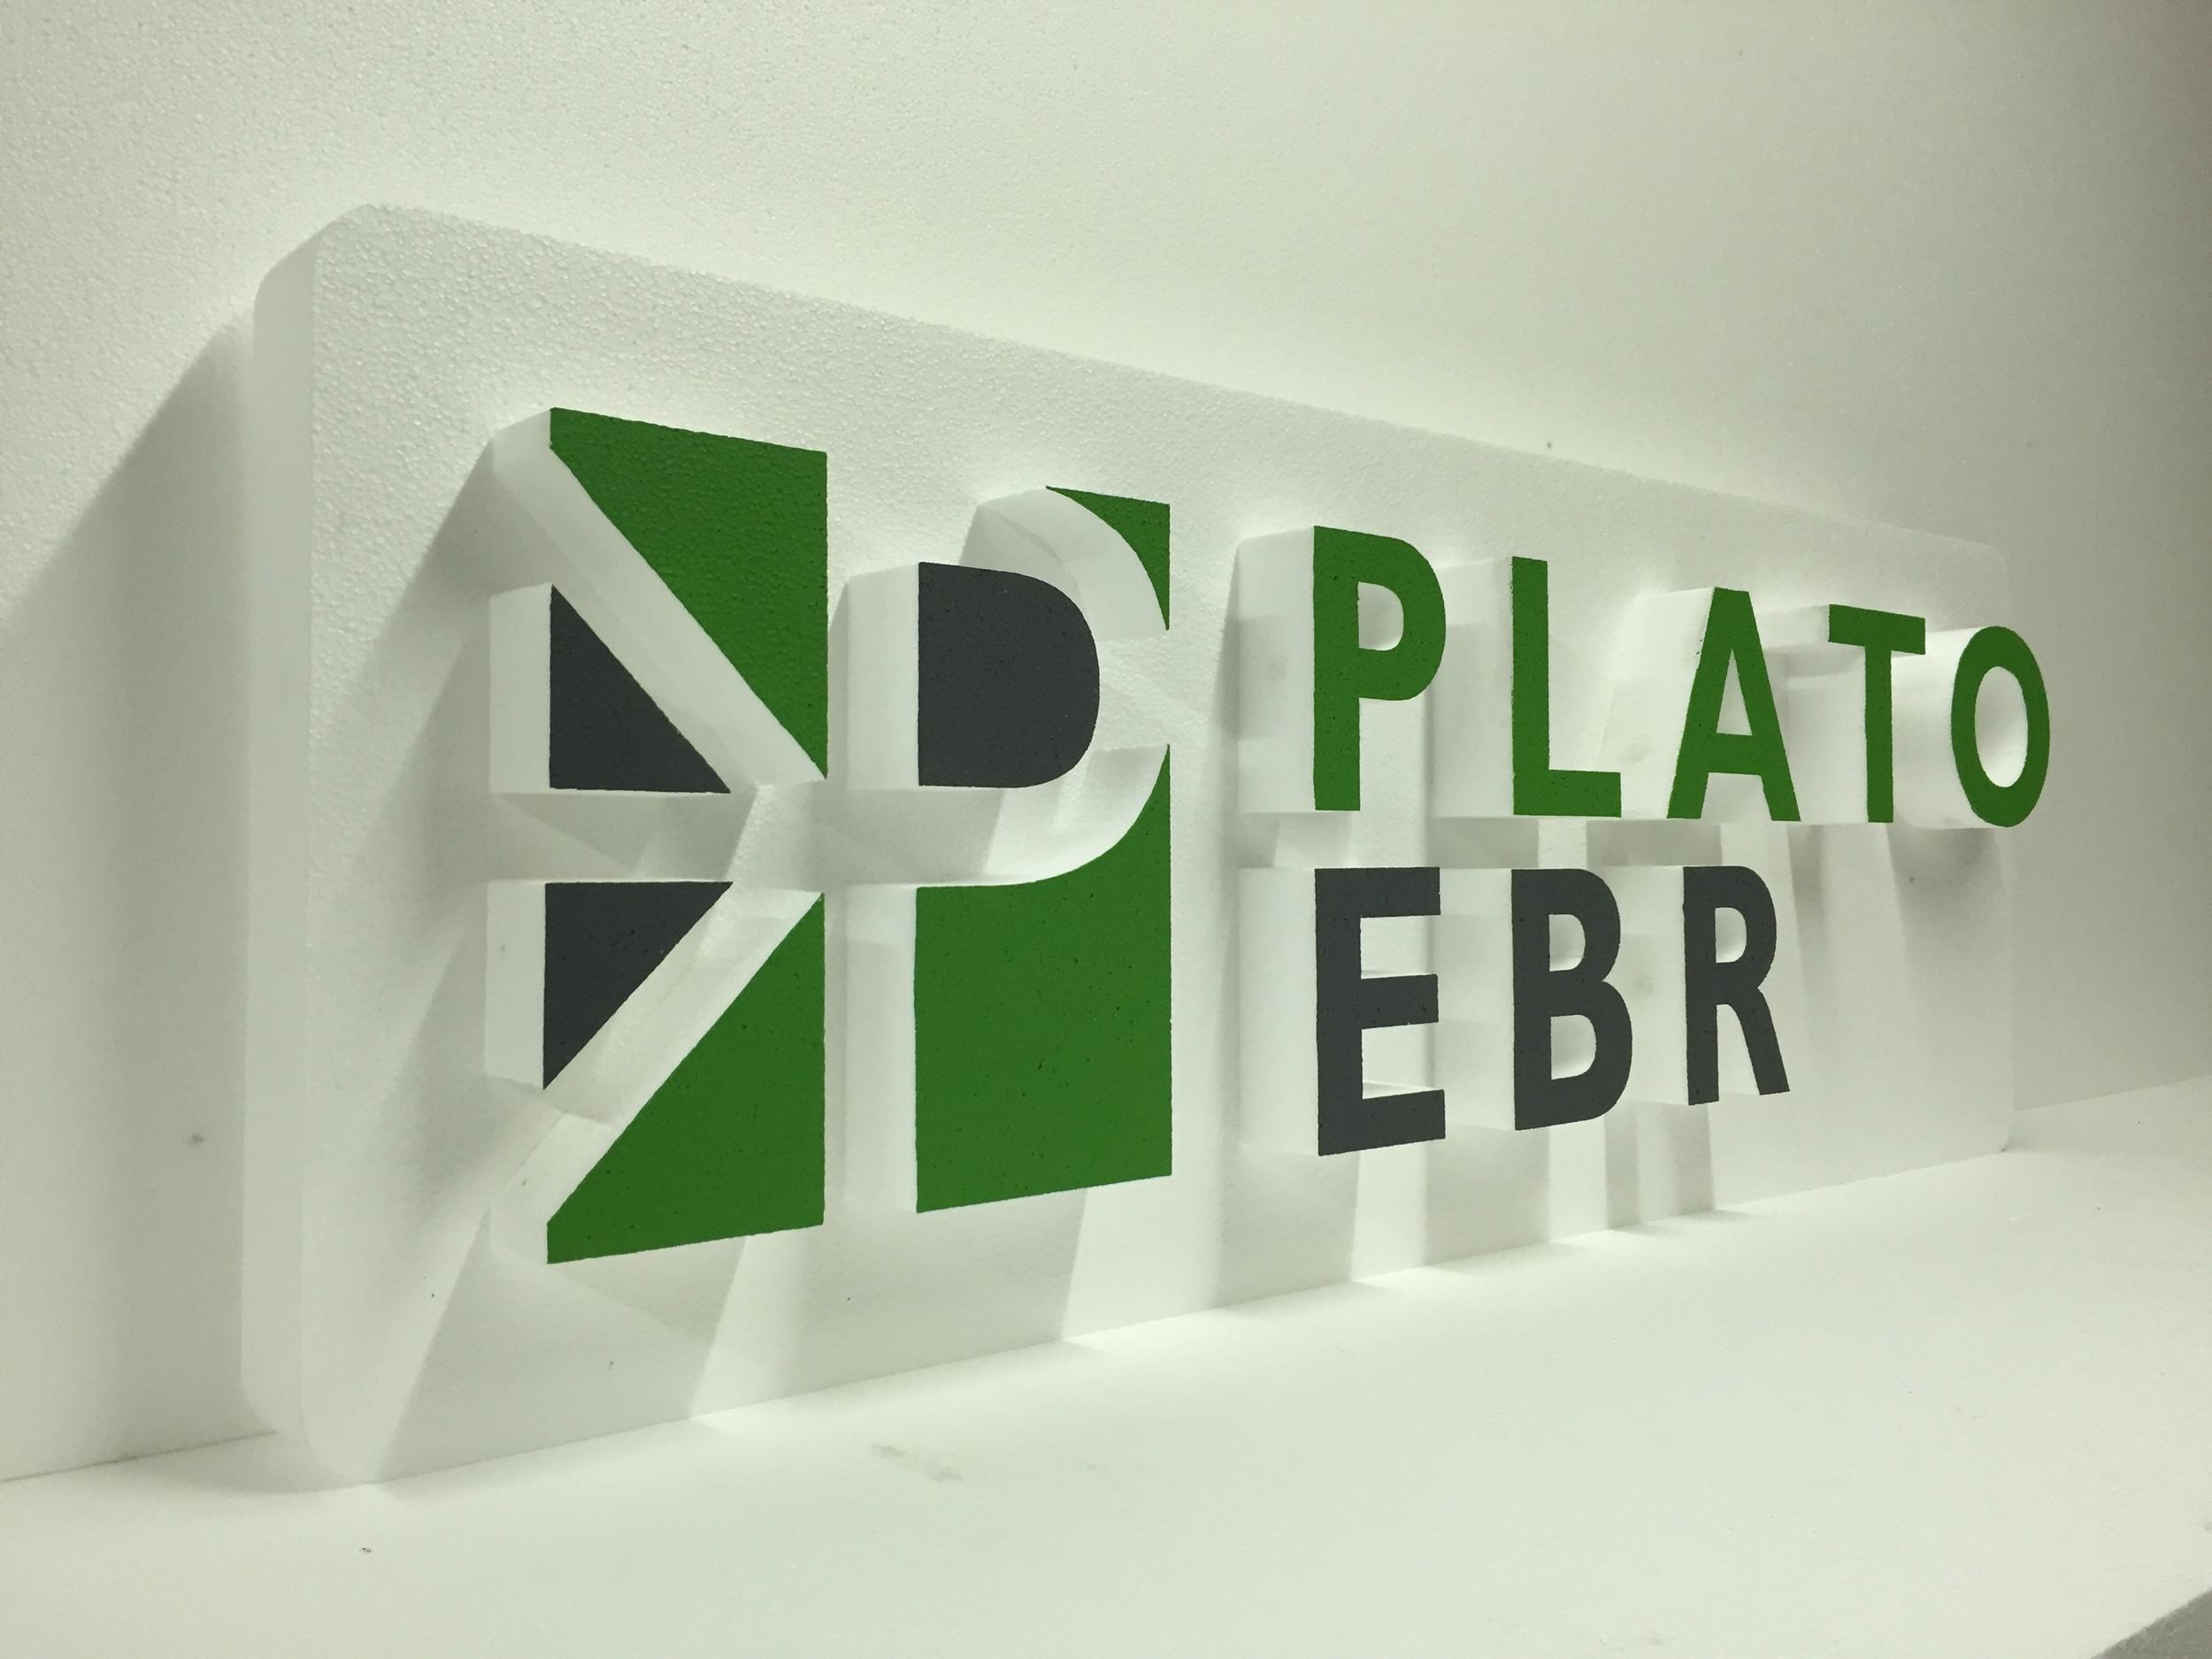 Plato EBR Polystyrene Sign